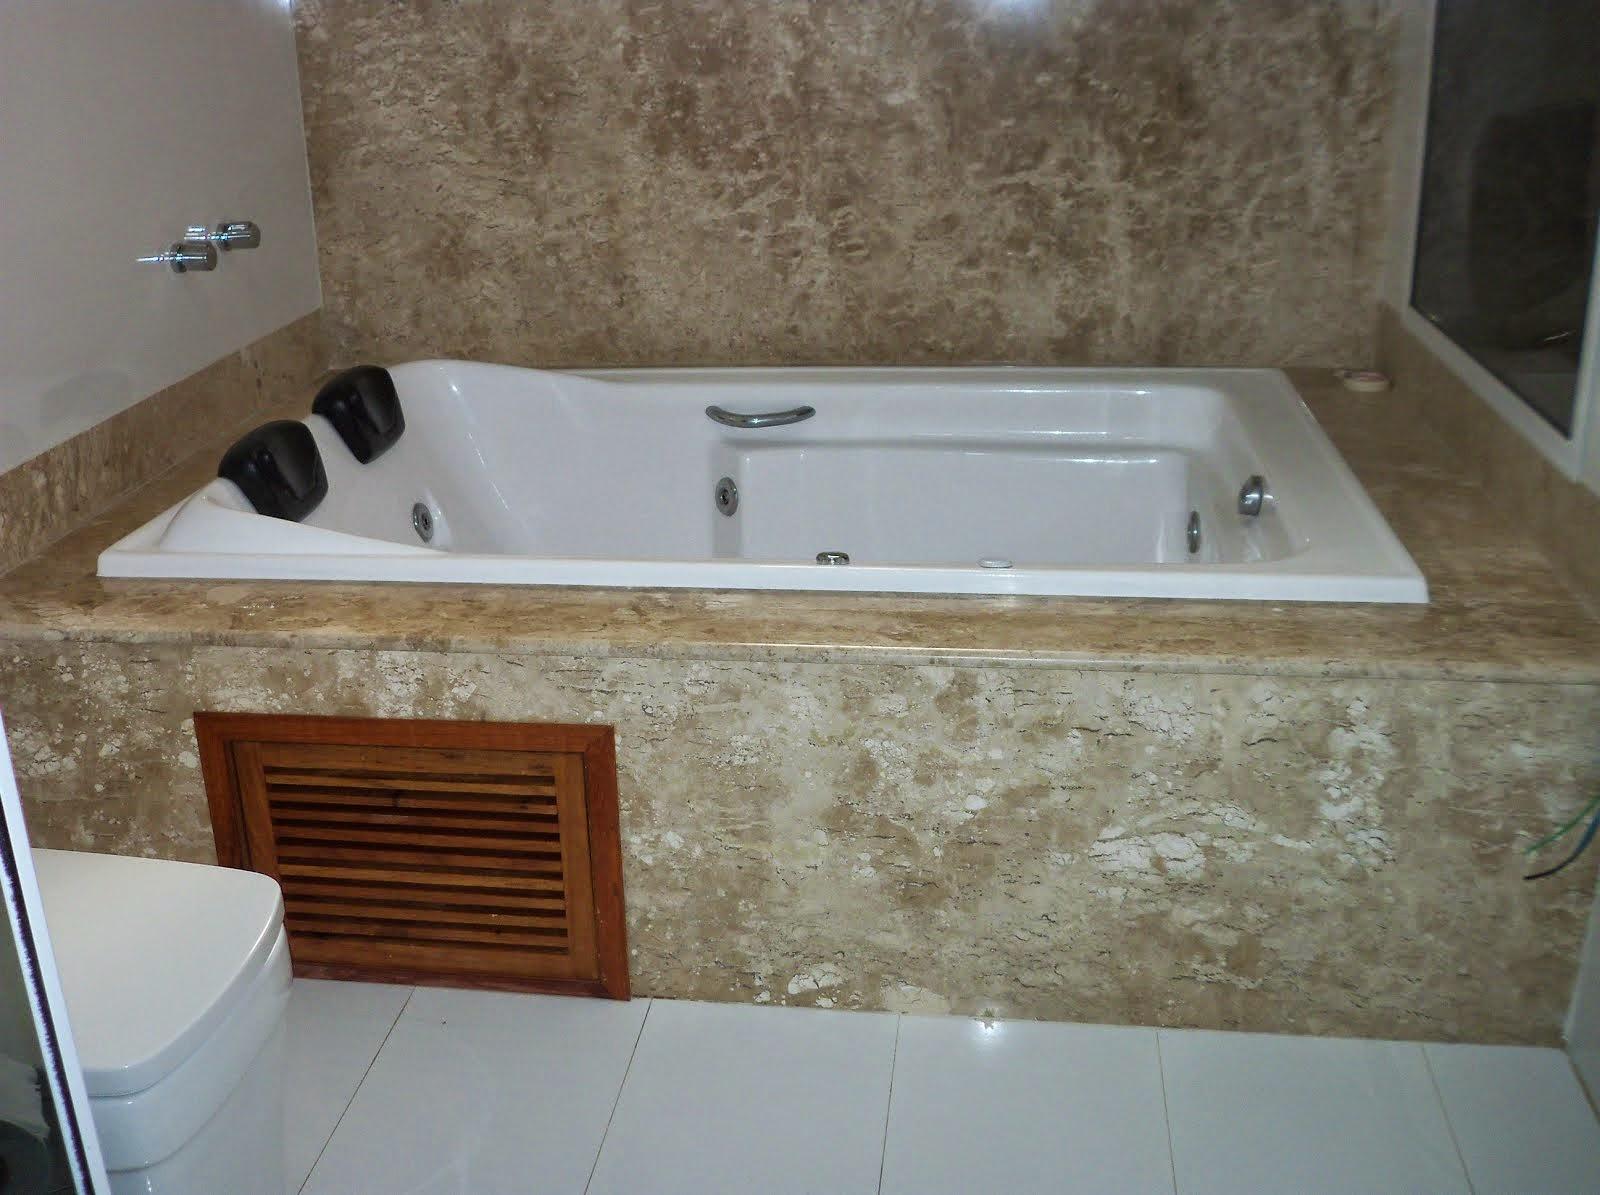 Gemax banheiras: 6 Banheira Mirage 1 50x 1 15x 0 44 #5D4834 1600x1195 Banheiro Com Banheira E Box